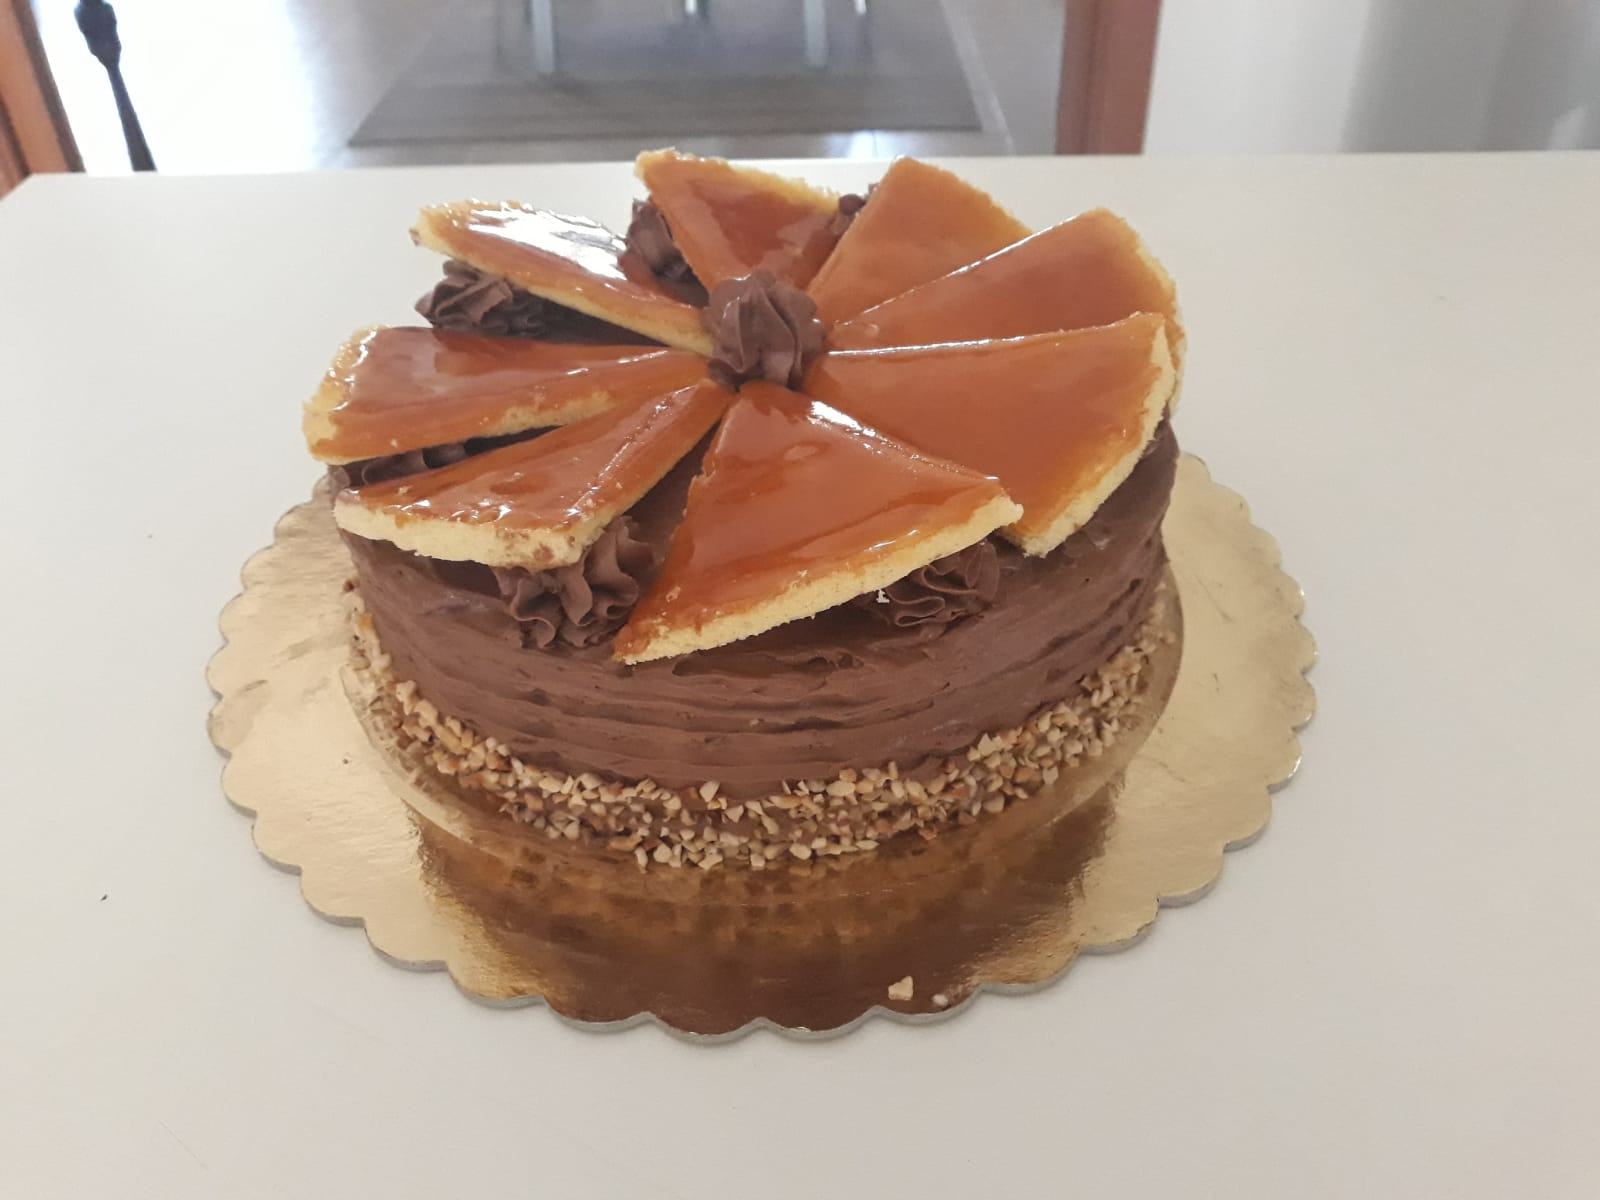 Torta Dobos ricetta originale e storia del dolce simbolo di Budapest